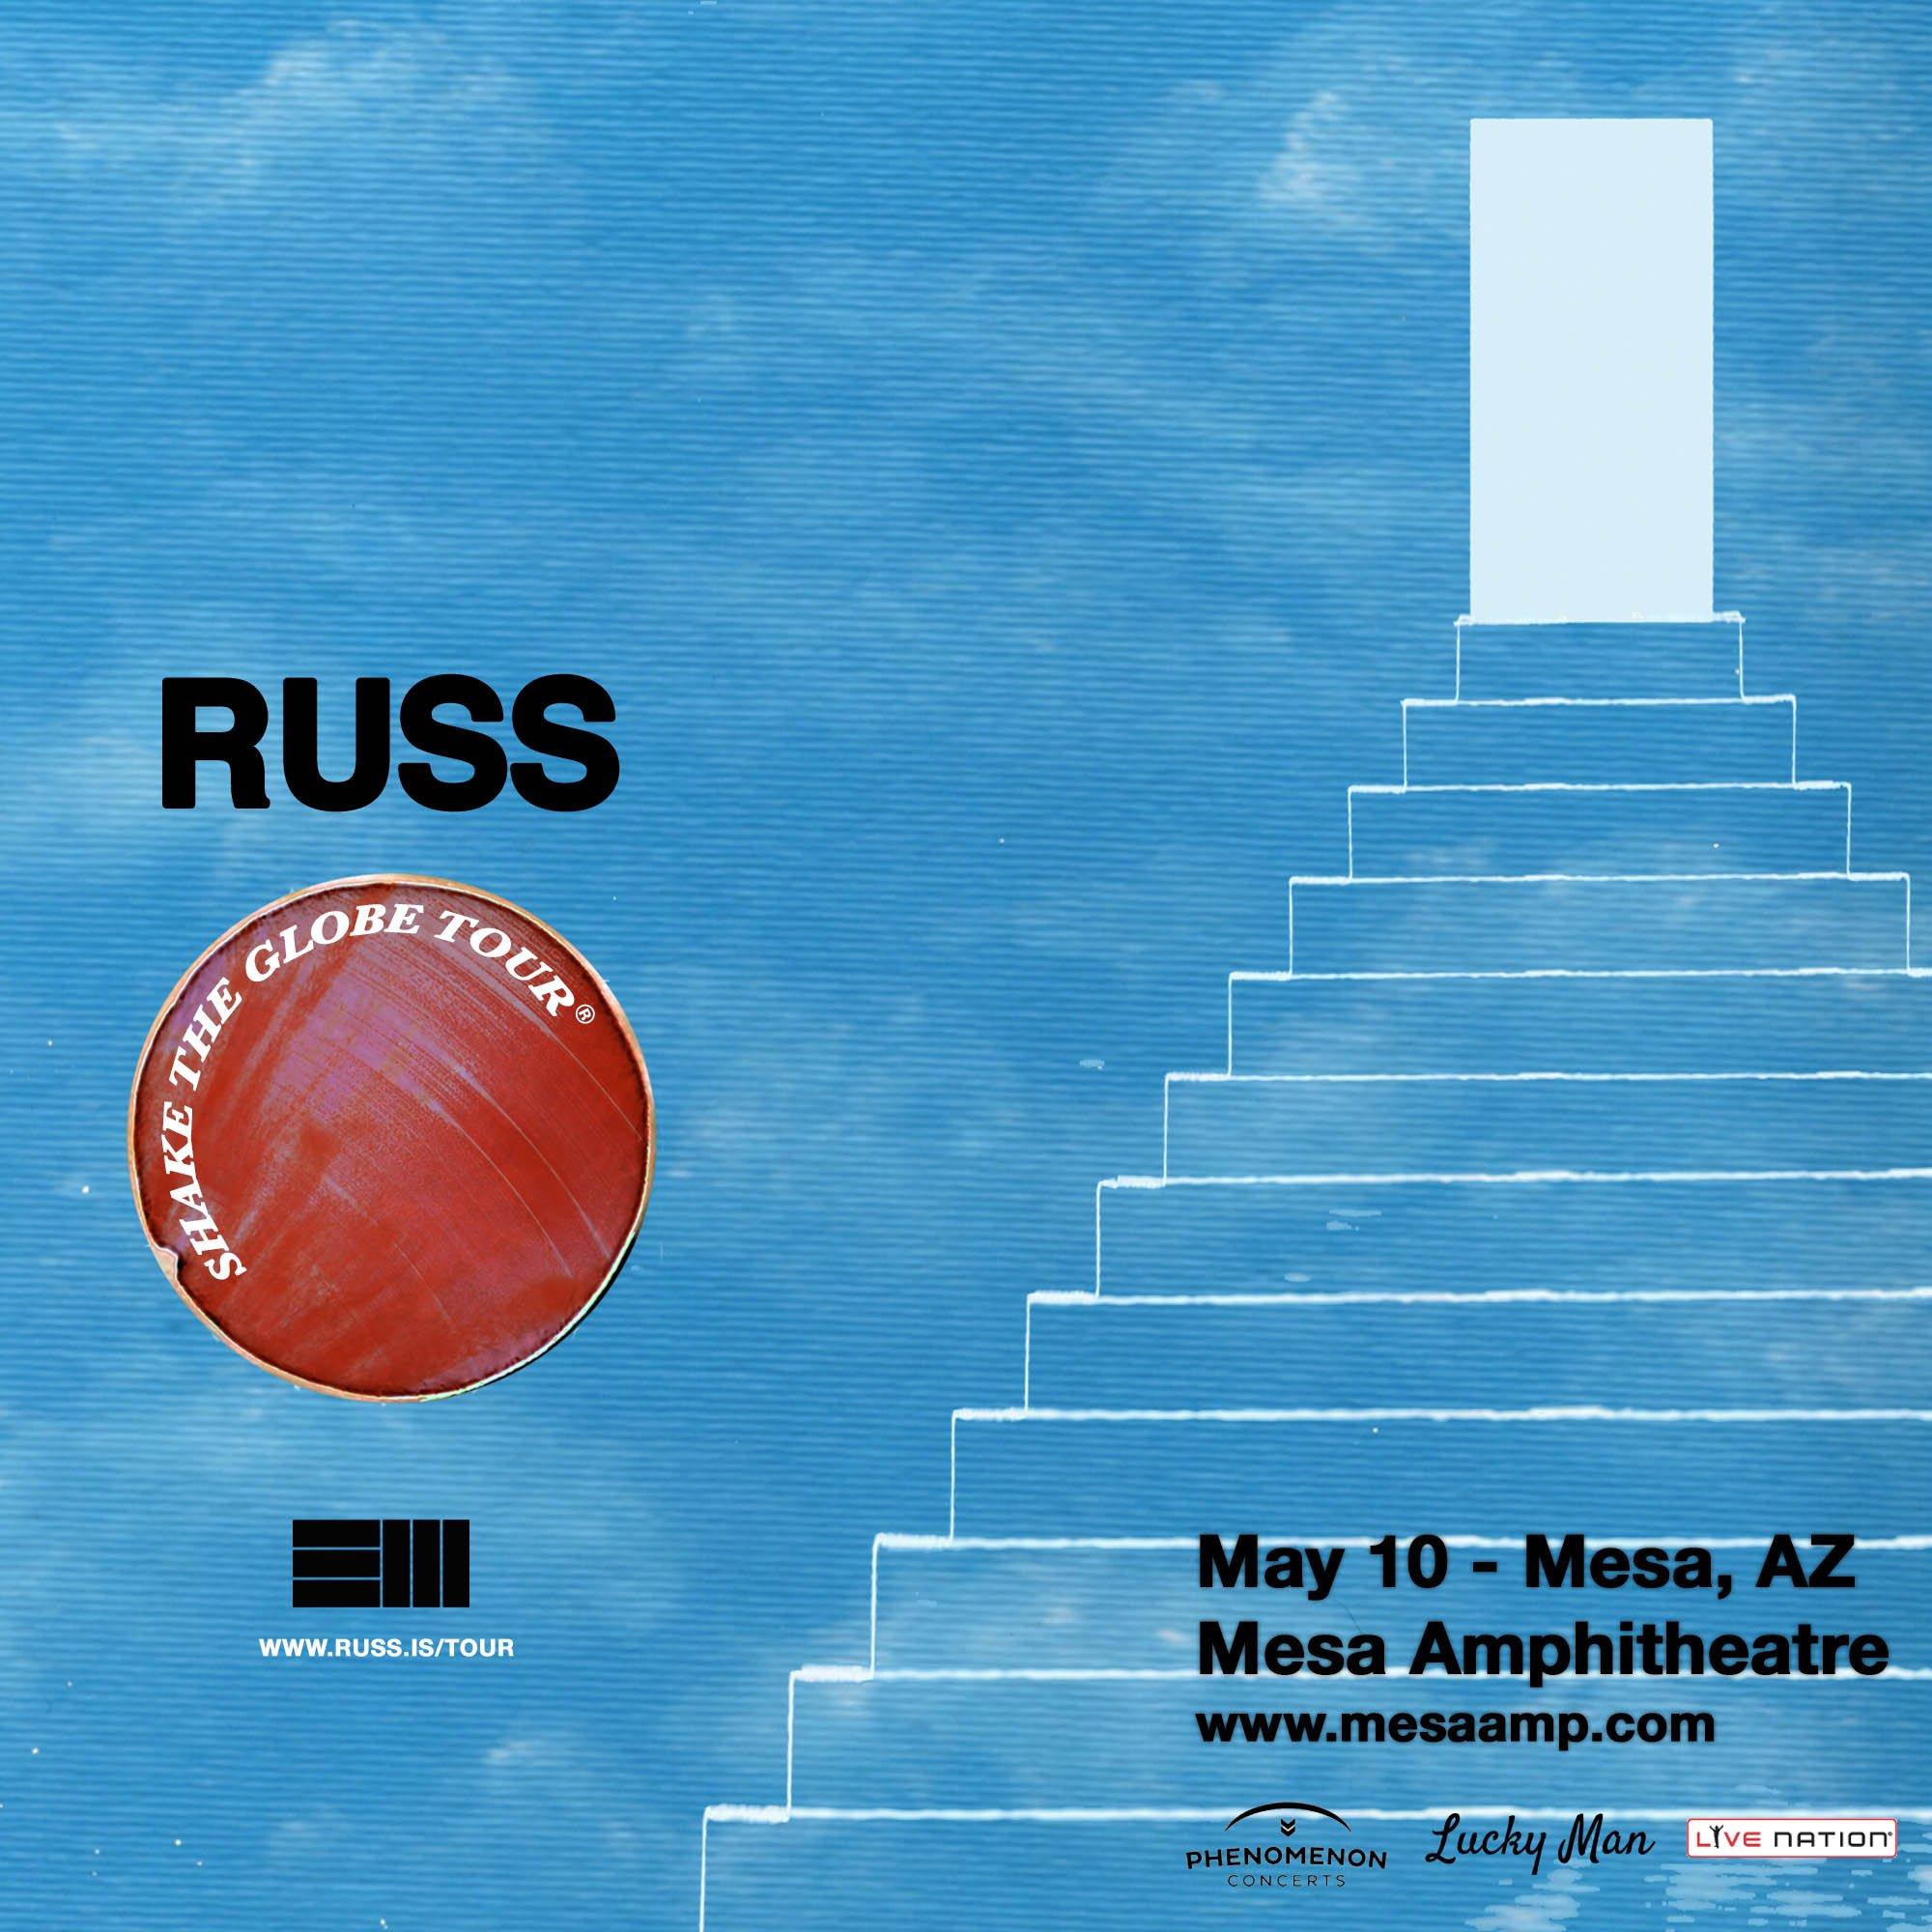 Russ 2020 admat MESA AMP 2